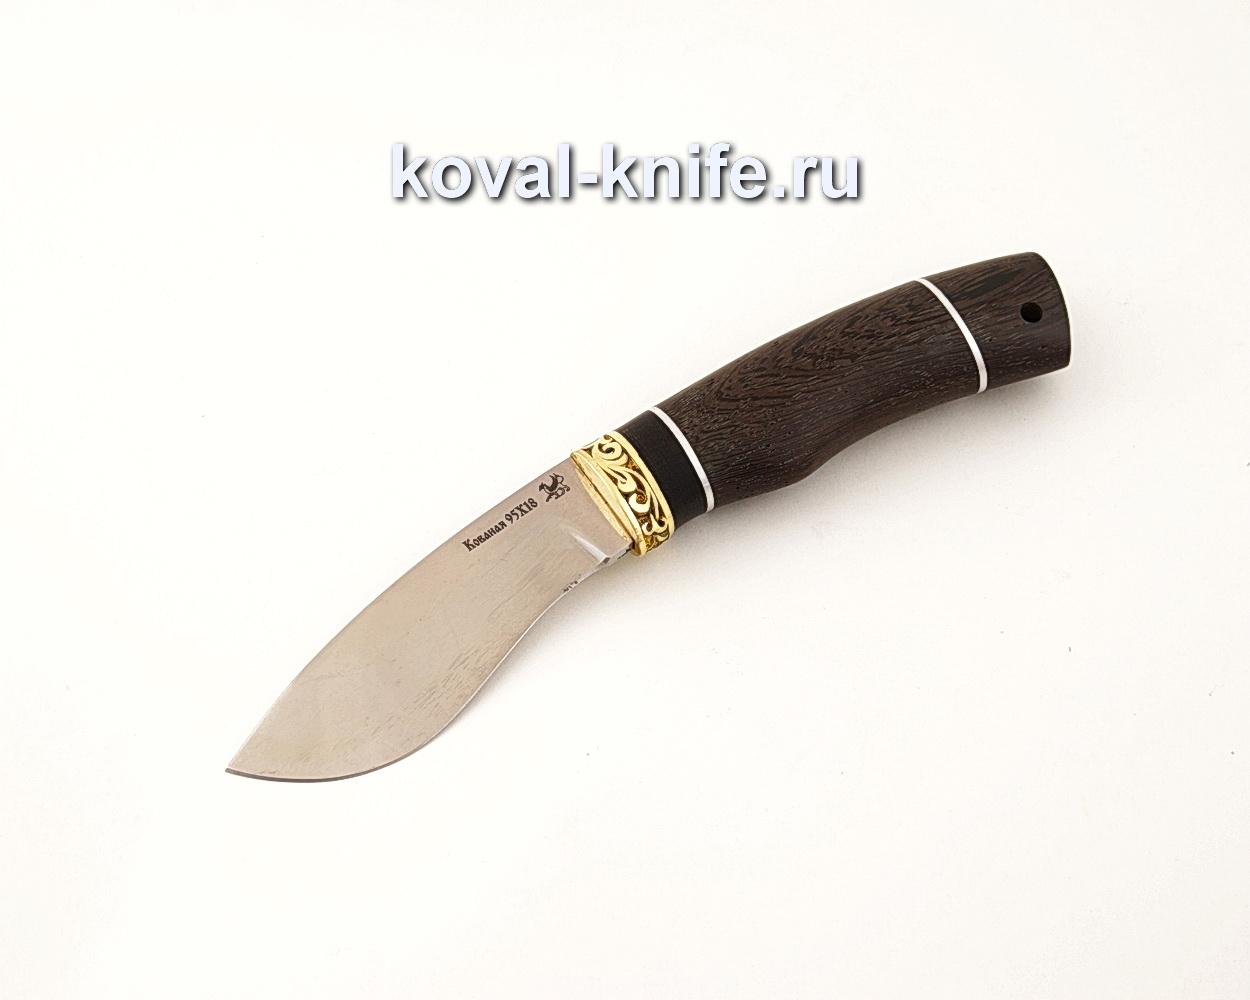 Нож Носорог из кованой стали 95Х18 с рукоятью из венге  A640